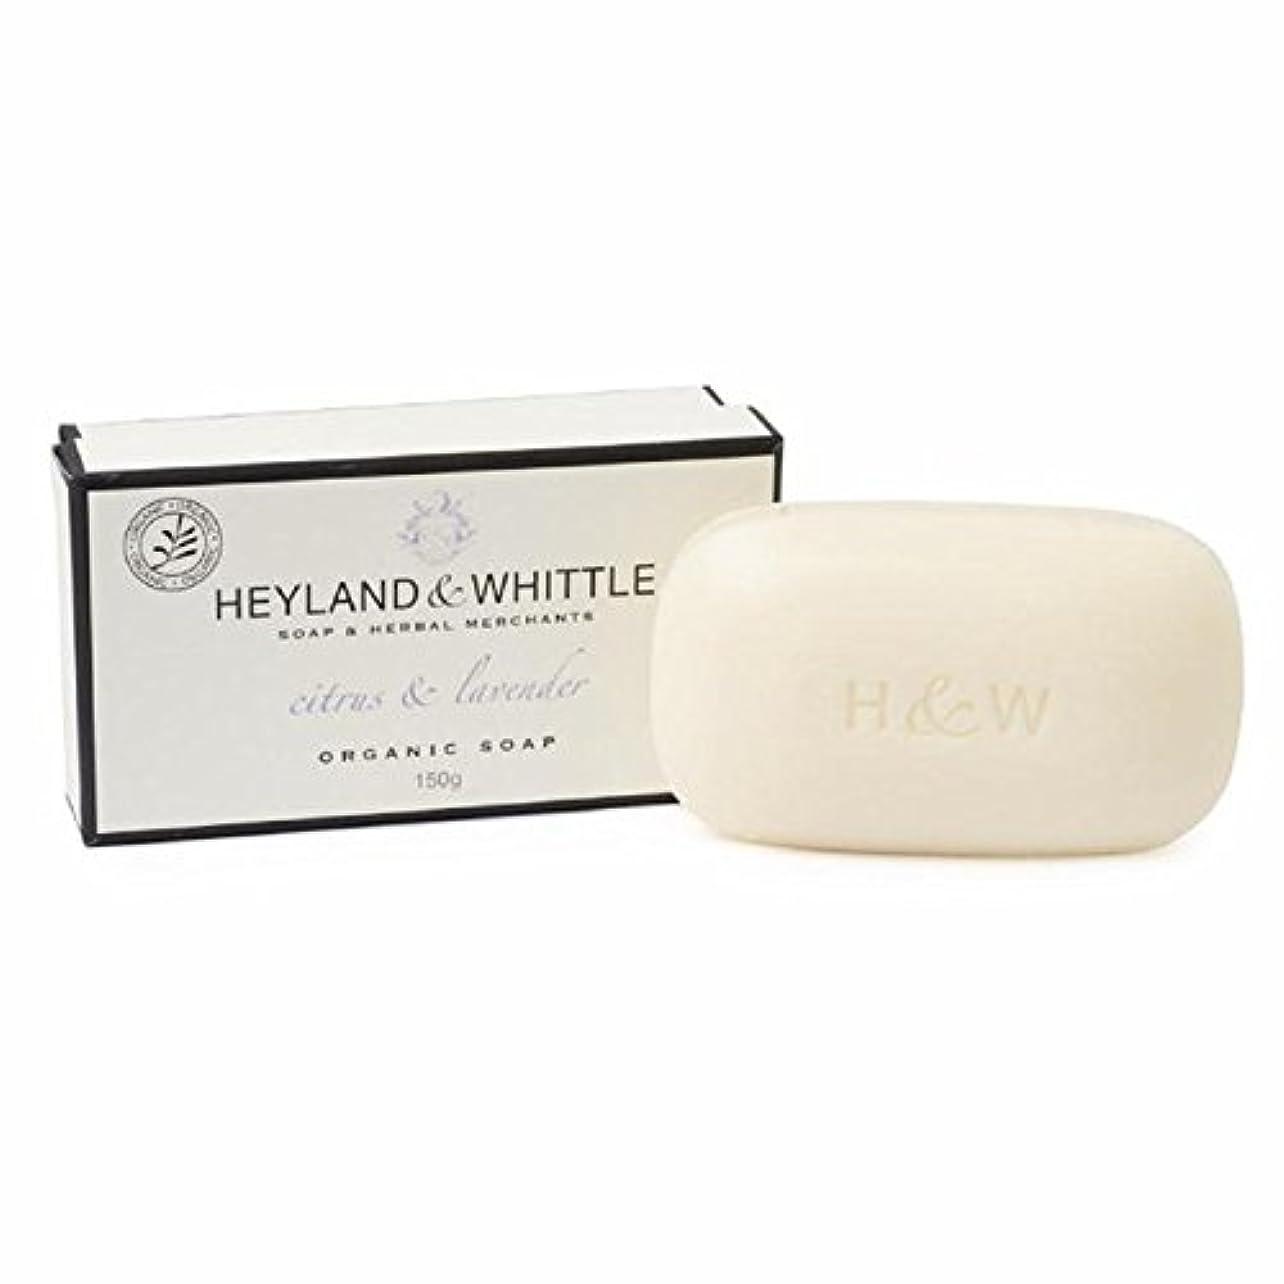 是正する早い説教する&削るシトラス&ラベンダーは、有機石鹸150グラム箱入り x2 - Heyland & Whittle Citrus & Lavender Boxed Organic Soap 150g (Pack of 2) [並行輸入品]